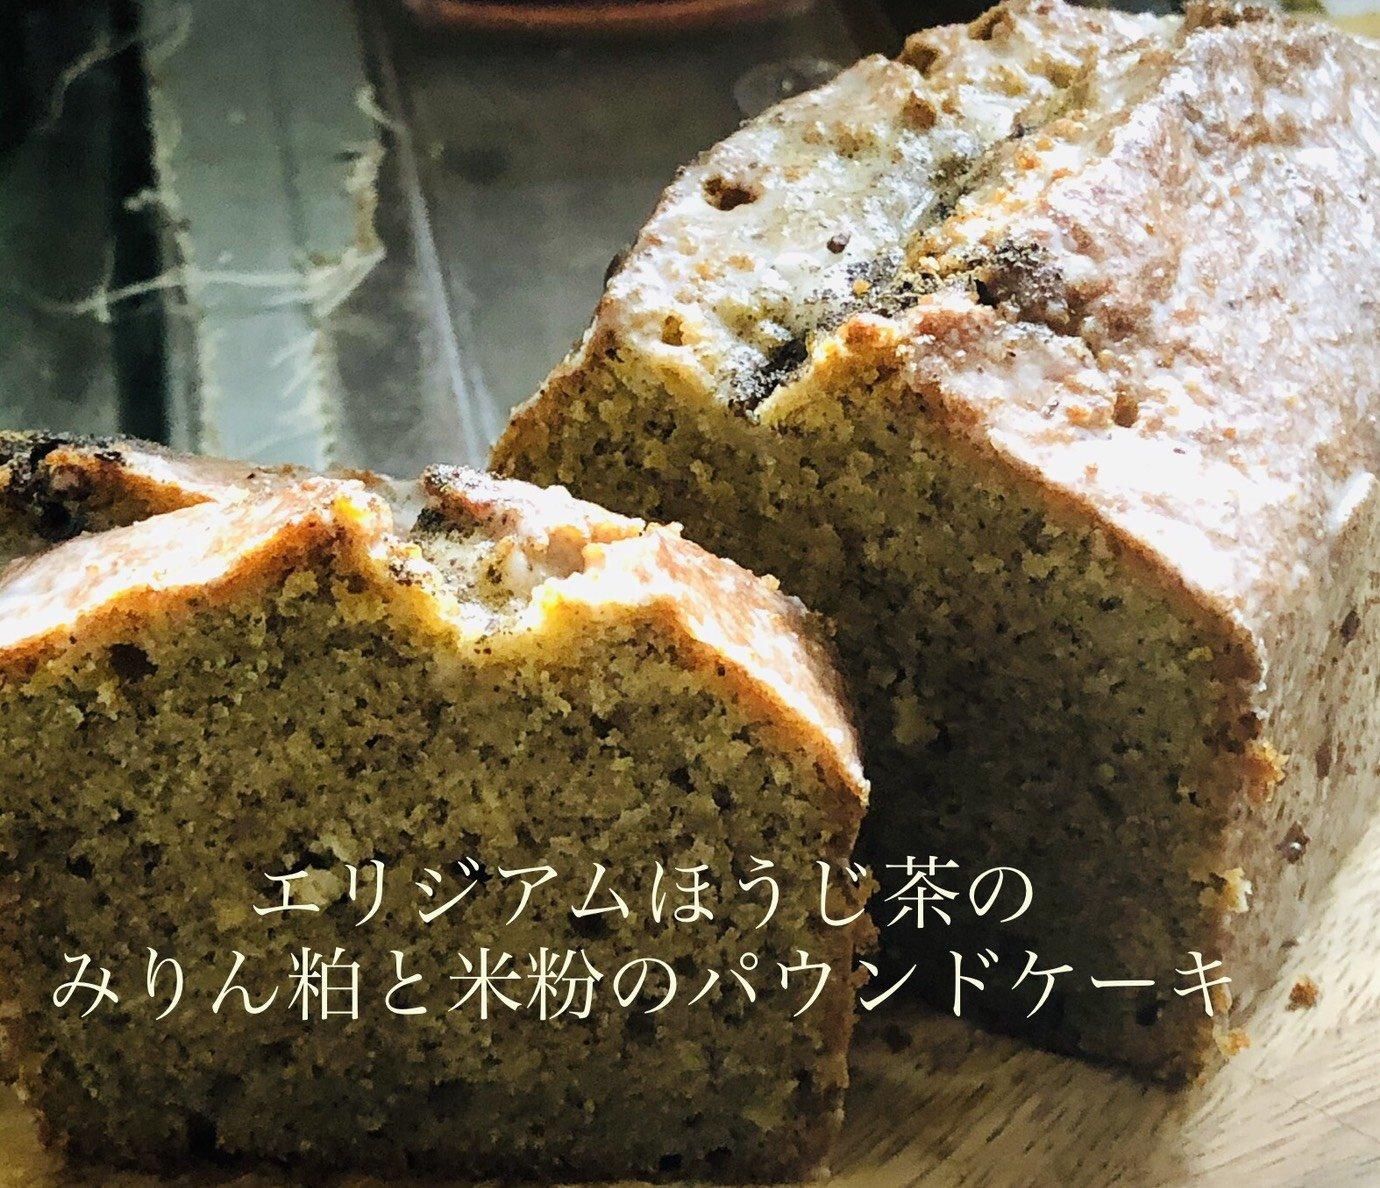 (現地払い)基本発酵調味料教室ほうじ茶シフォンとみりん粕と米粉のパウンドケーキ 2月17日(水)のイメージその1